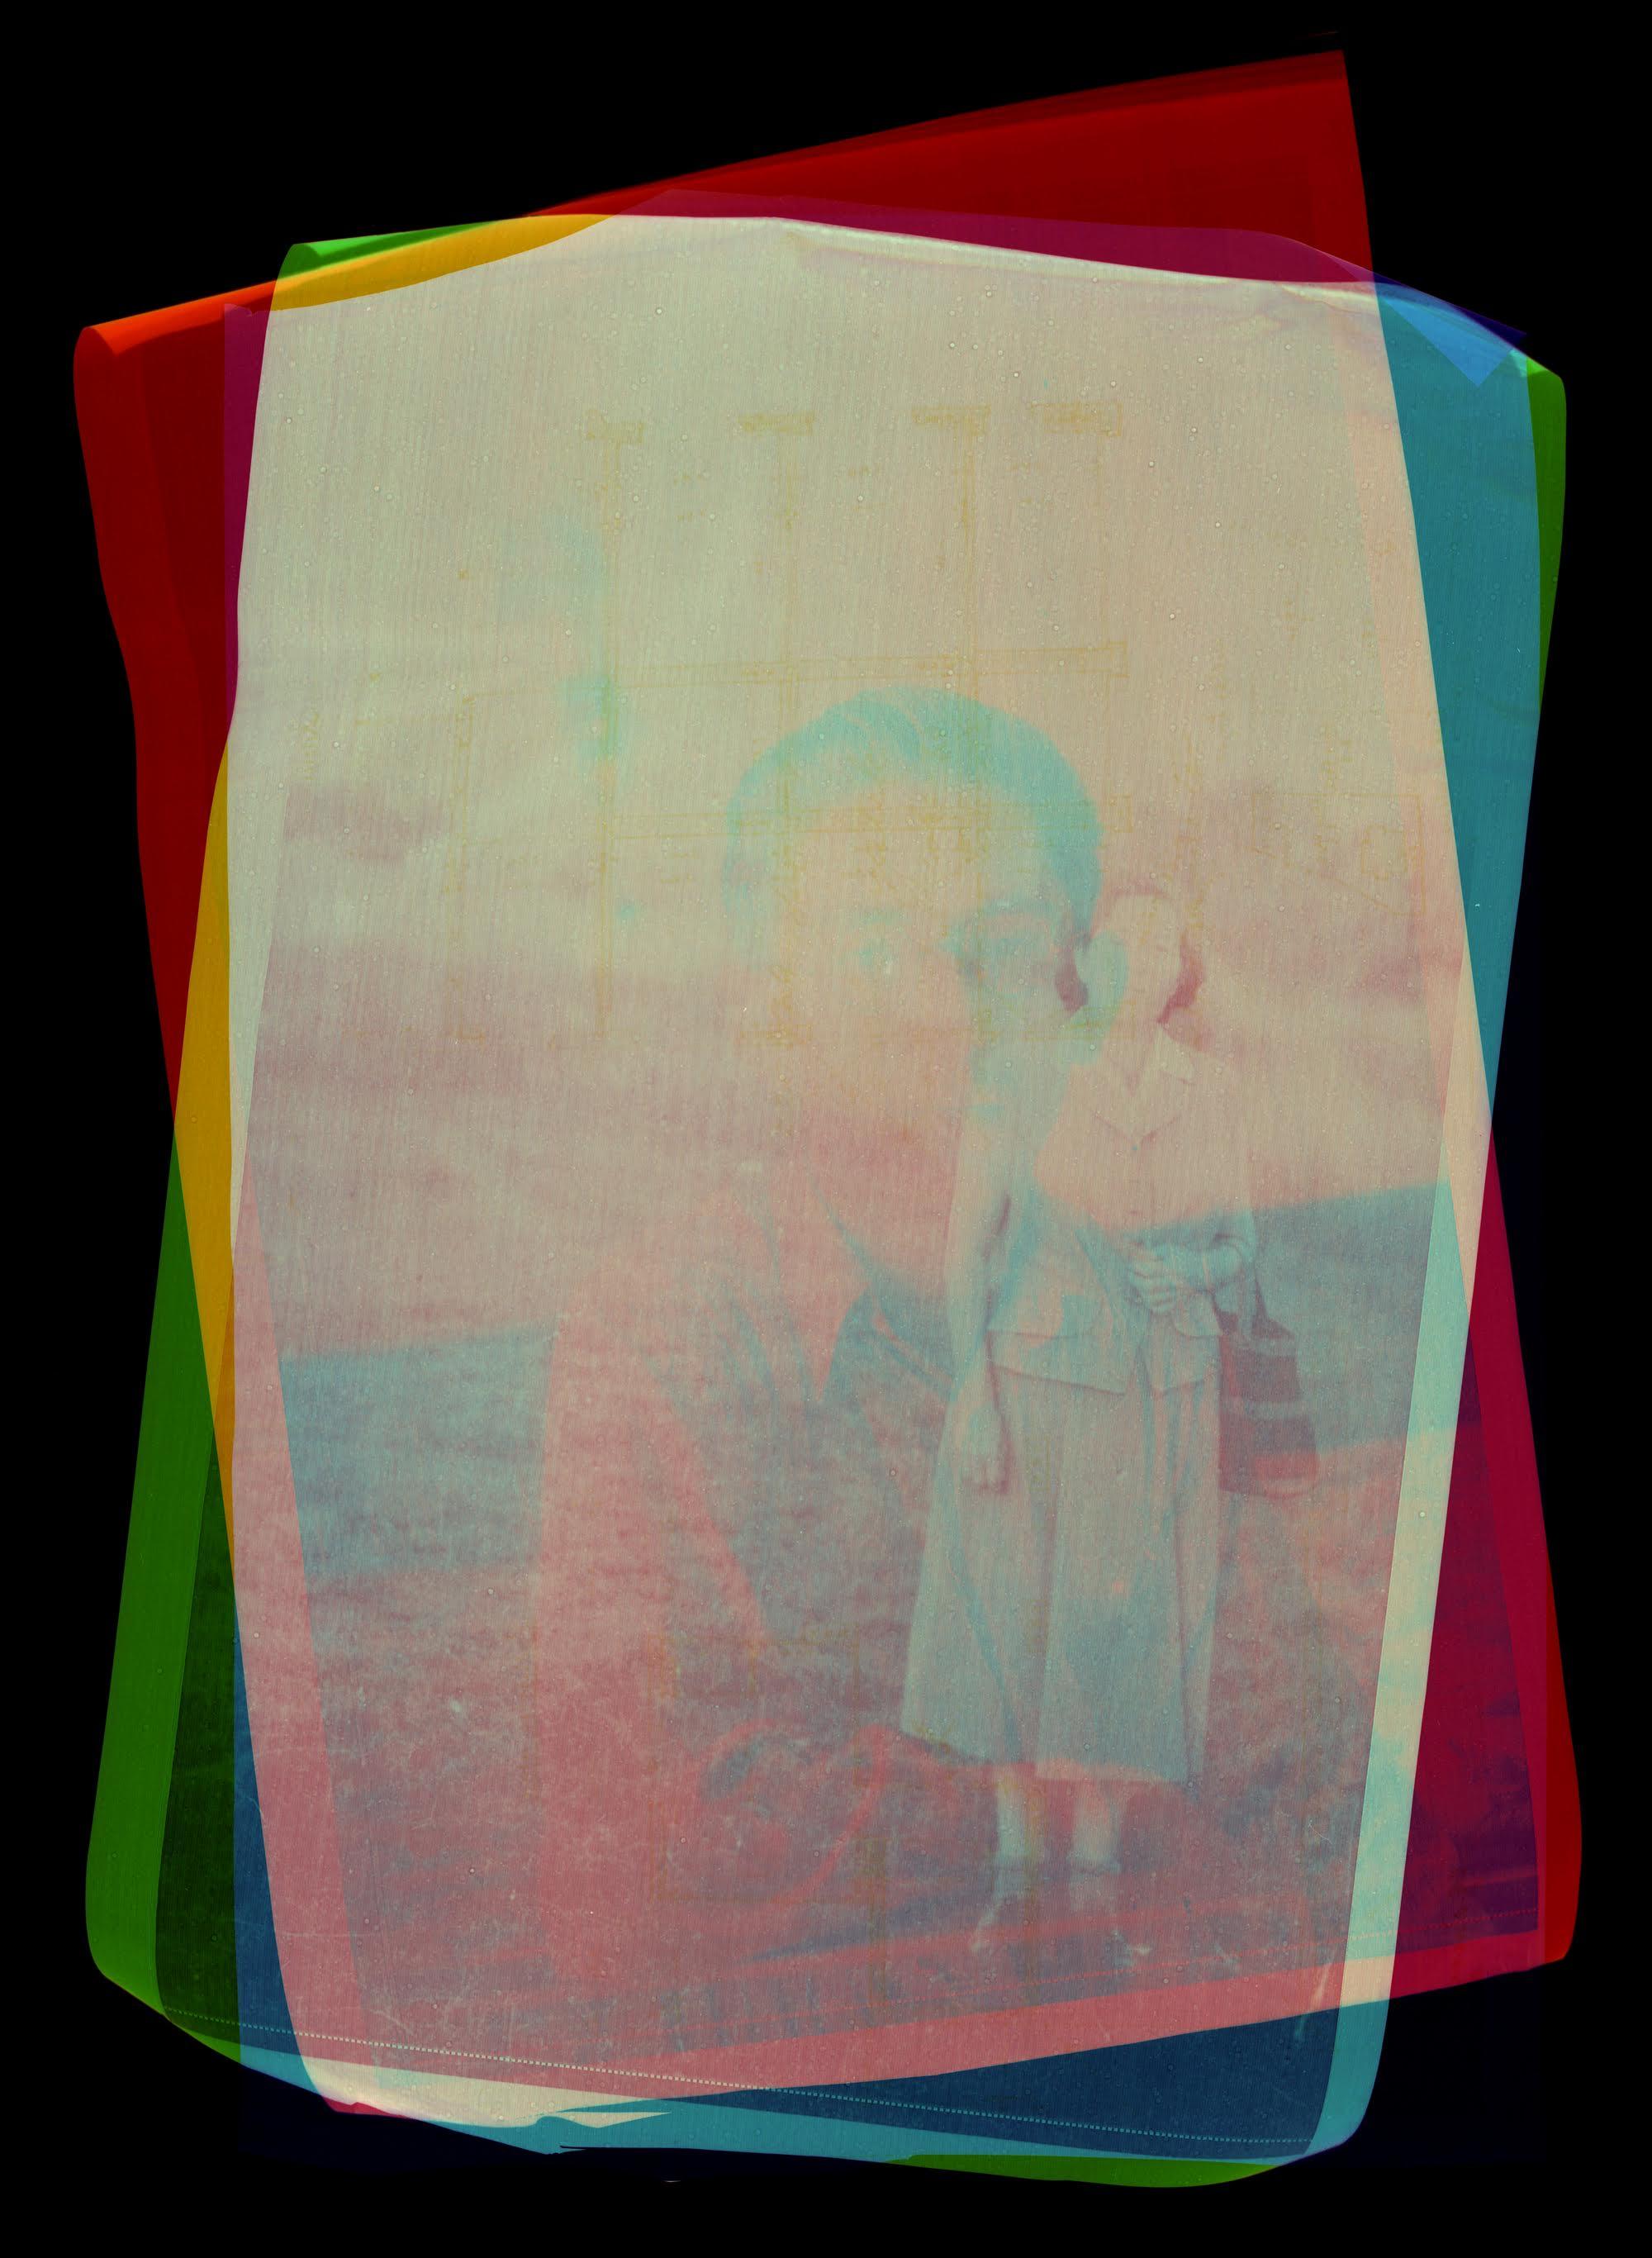 Fotó: Esterházy Marcell: Rétegek / Layers I.-III. (triptichon / Triptych), 2018<br />30 x 40 cm, giclée print